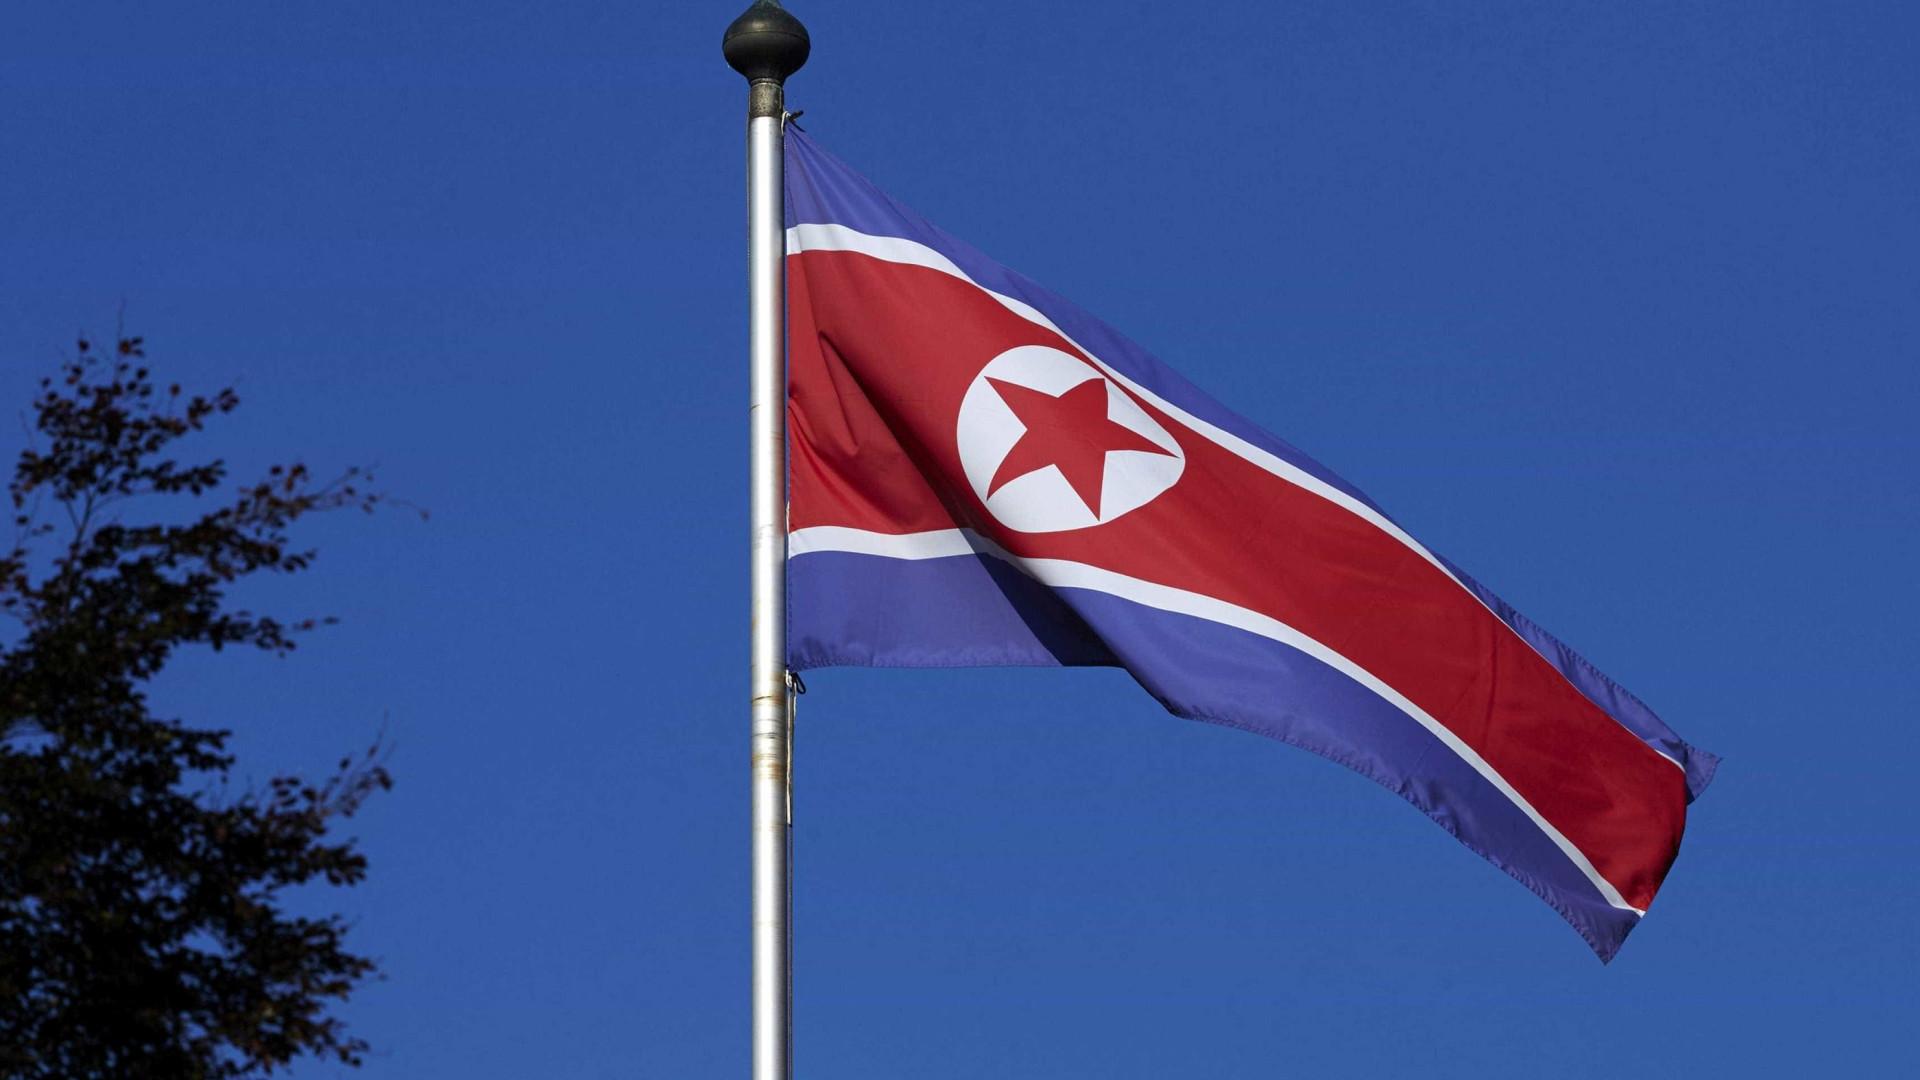 Presidentes da China e EUA discutem Coreia do Norte e relação comercial